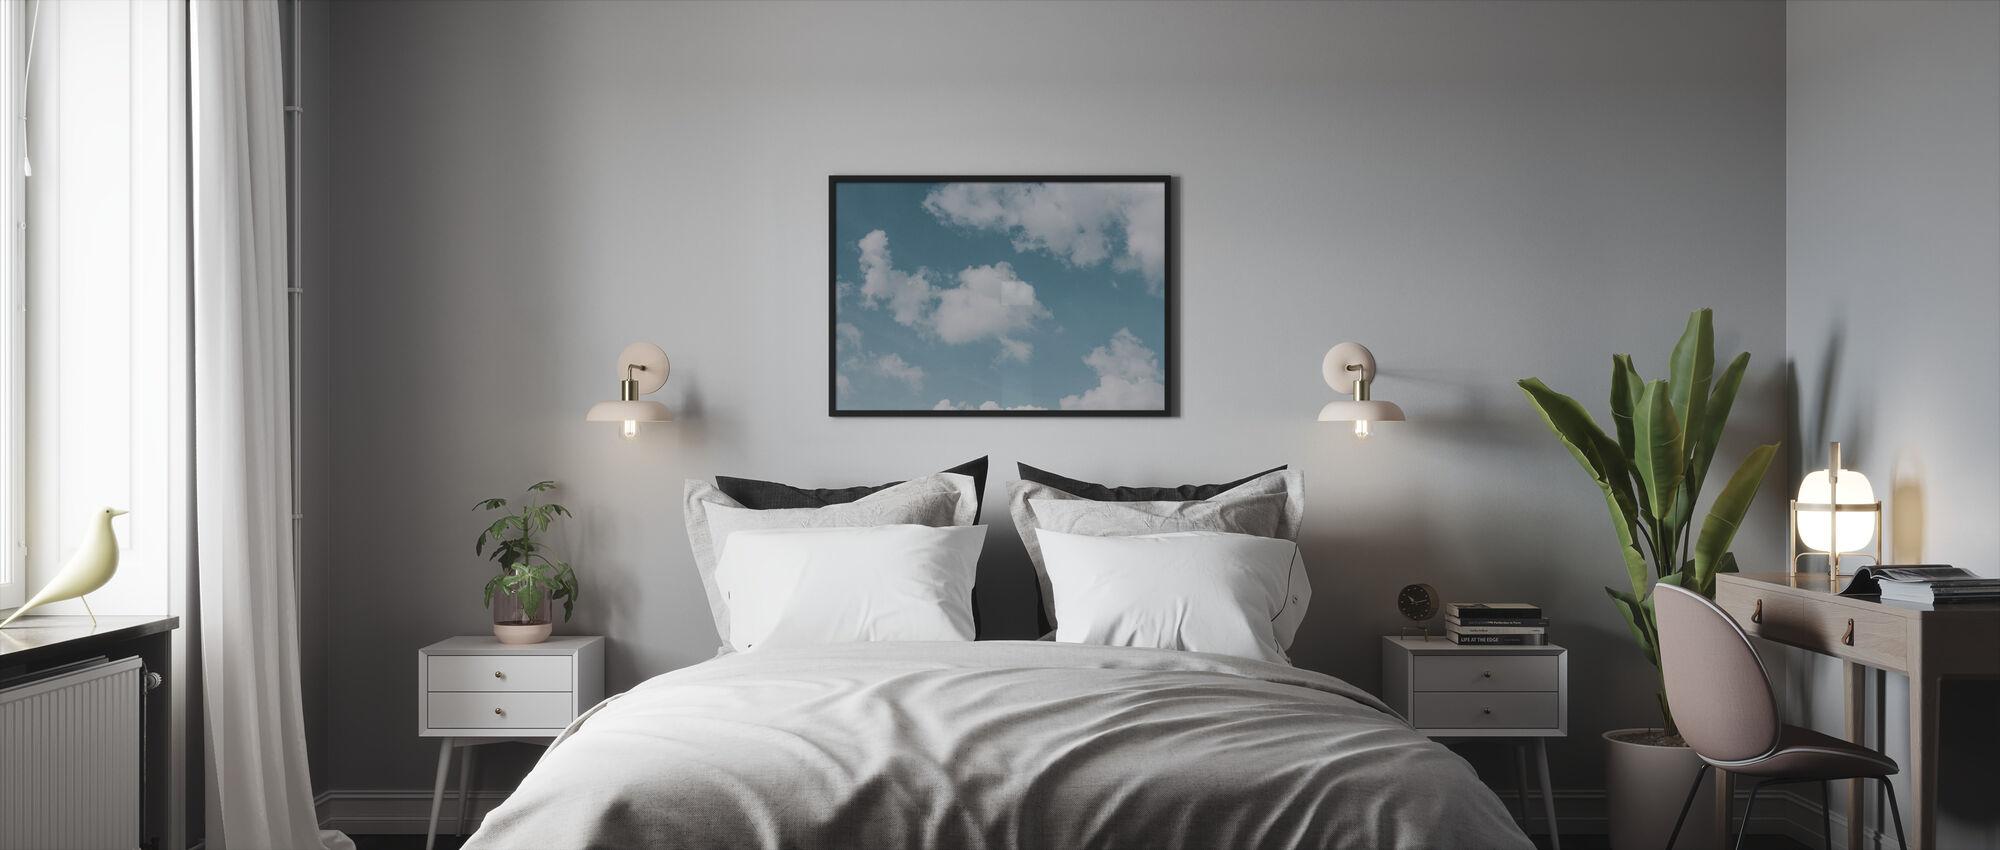 Hav af skyer - Indrammet billede - Soveværelse